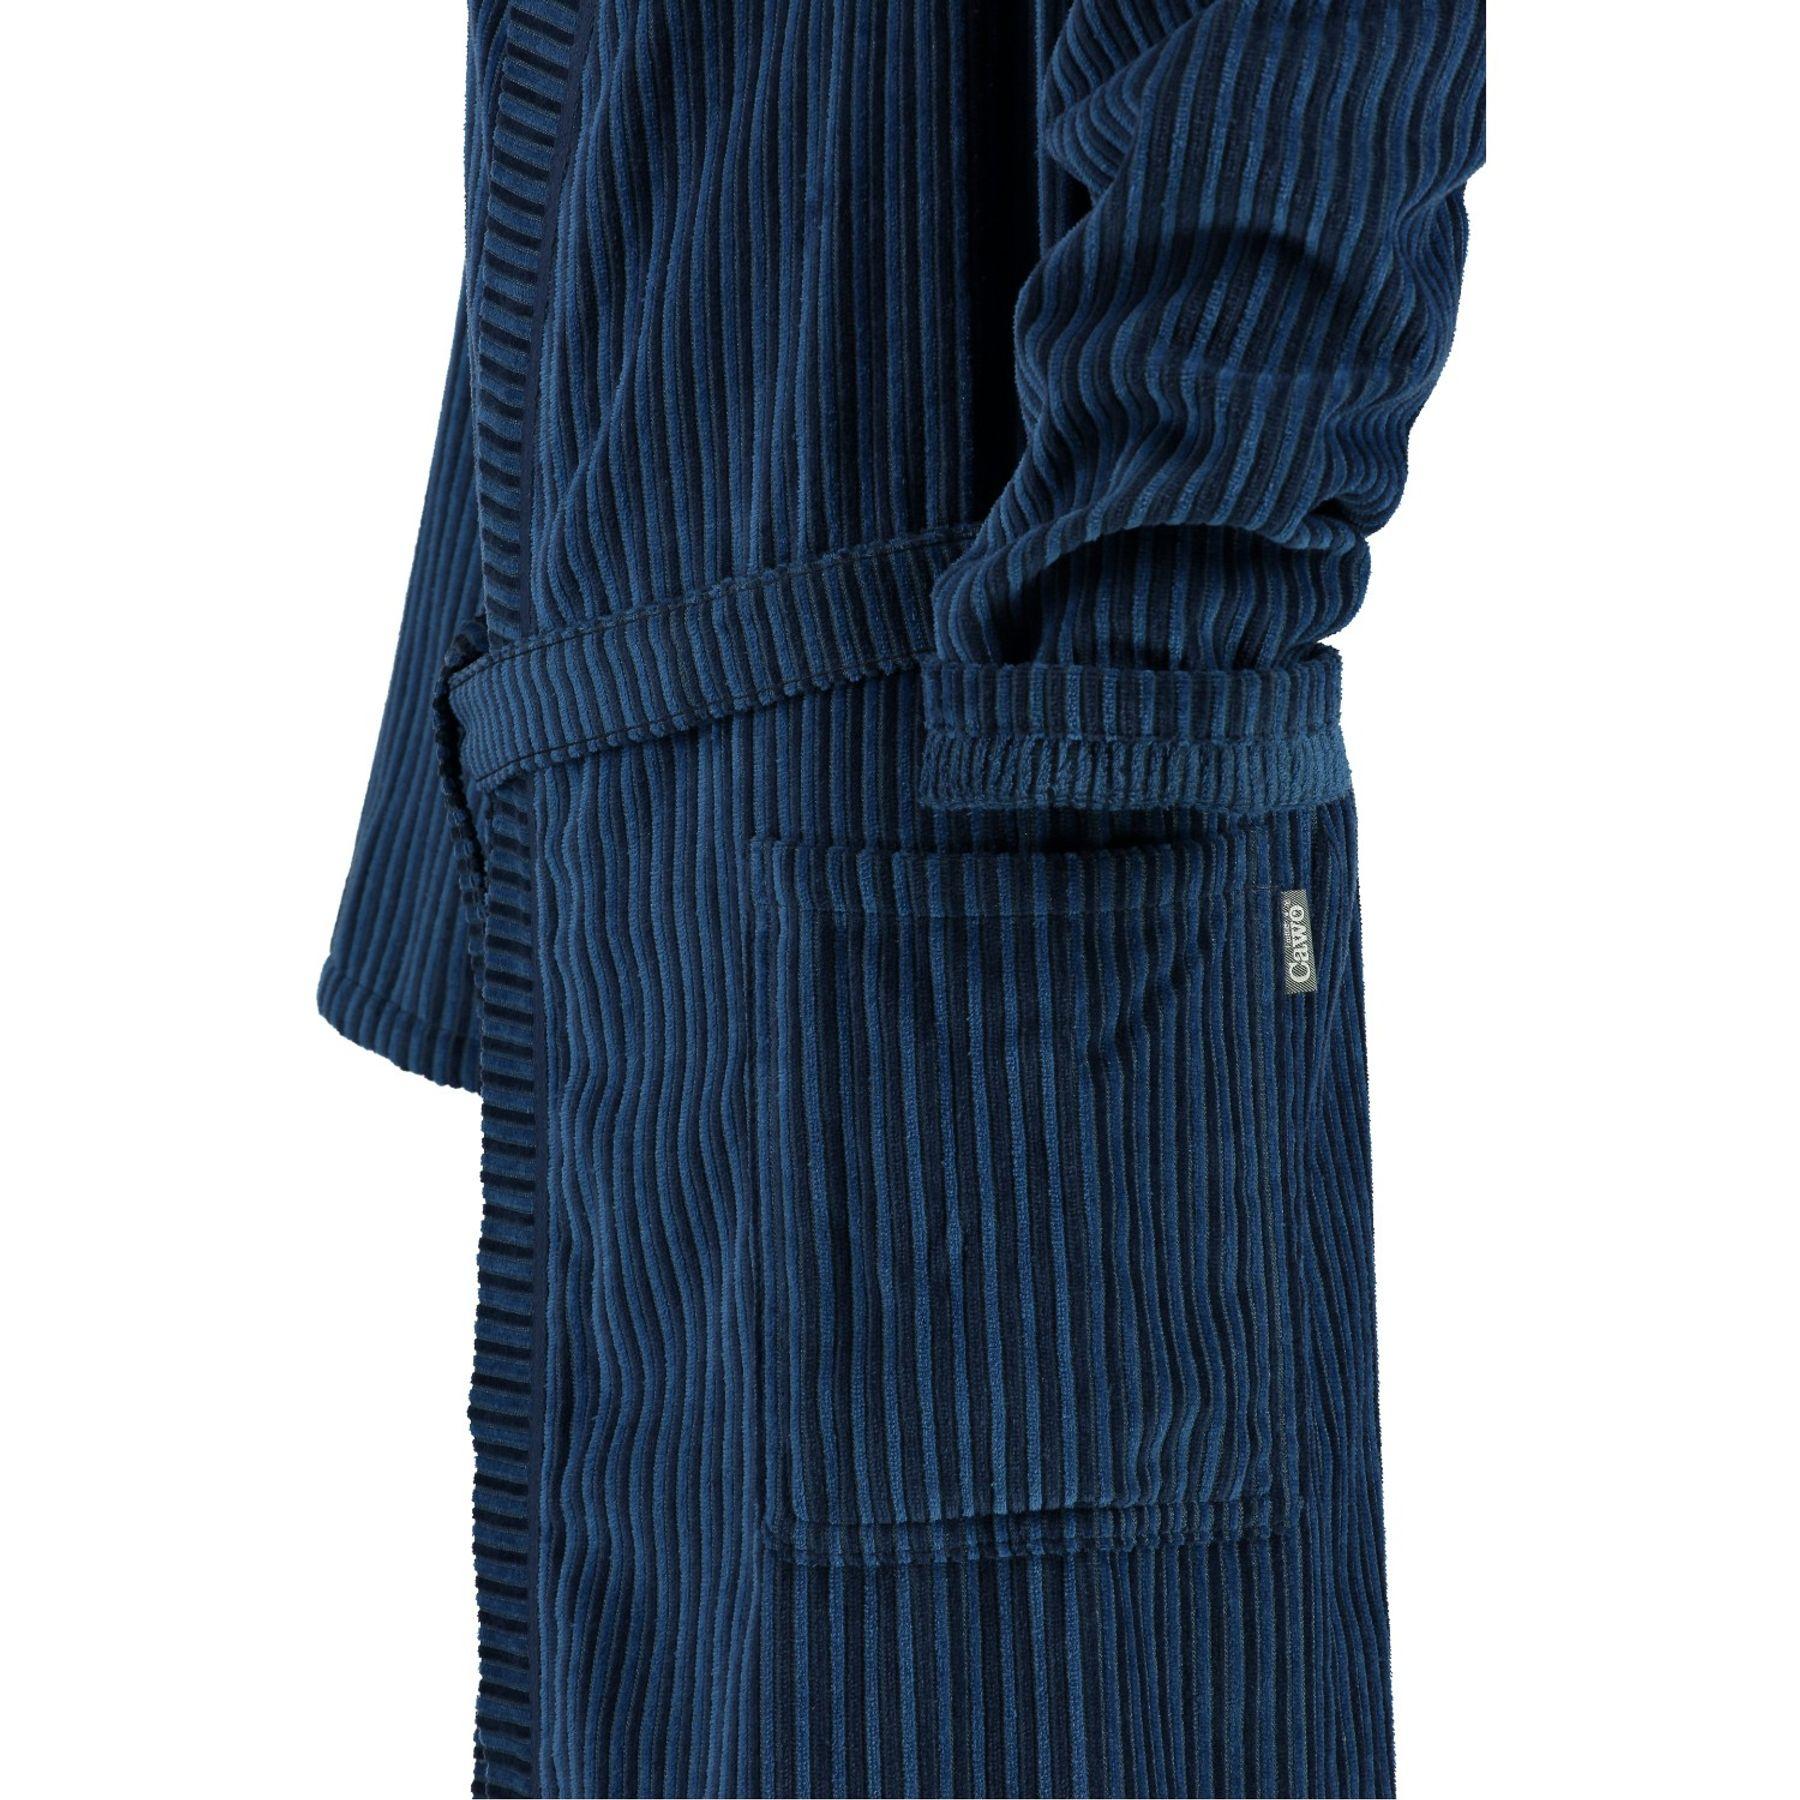 Cawö - Herren Velours Bademantel mit Kimono Form in Blau oder Nougat-braun (6842/GG8146/SG6942) – Bild 3